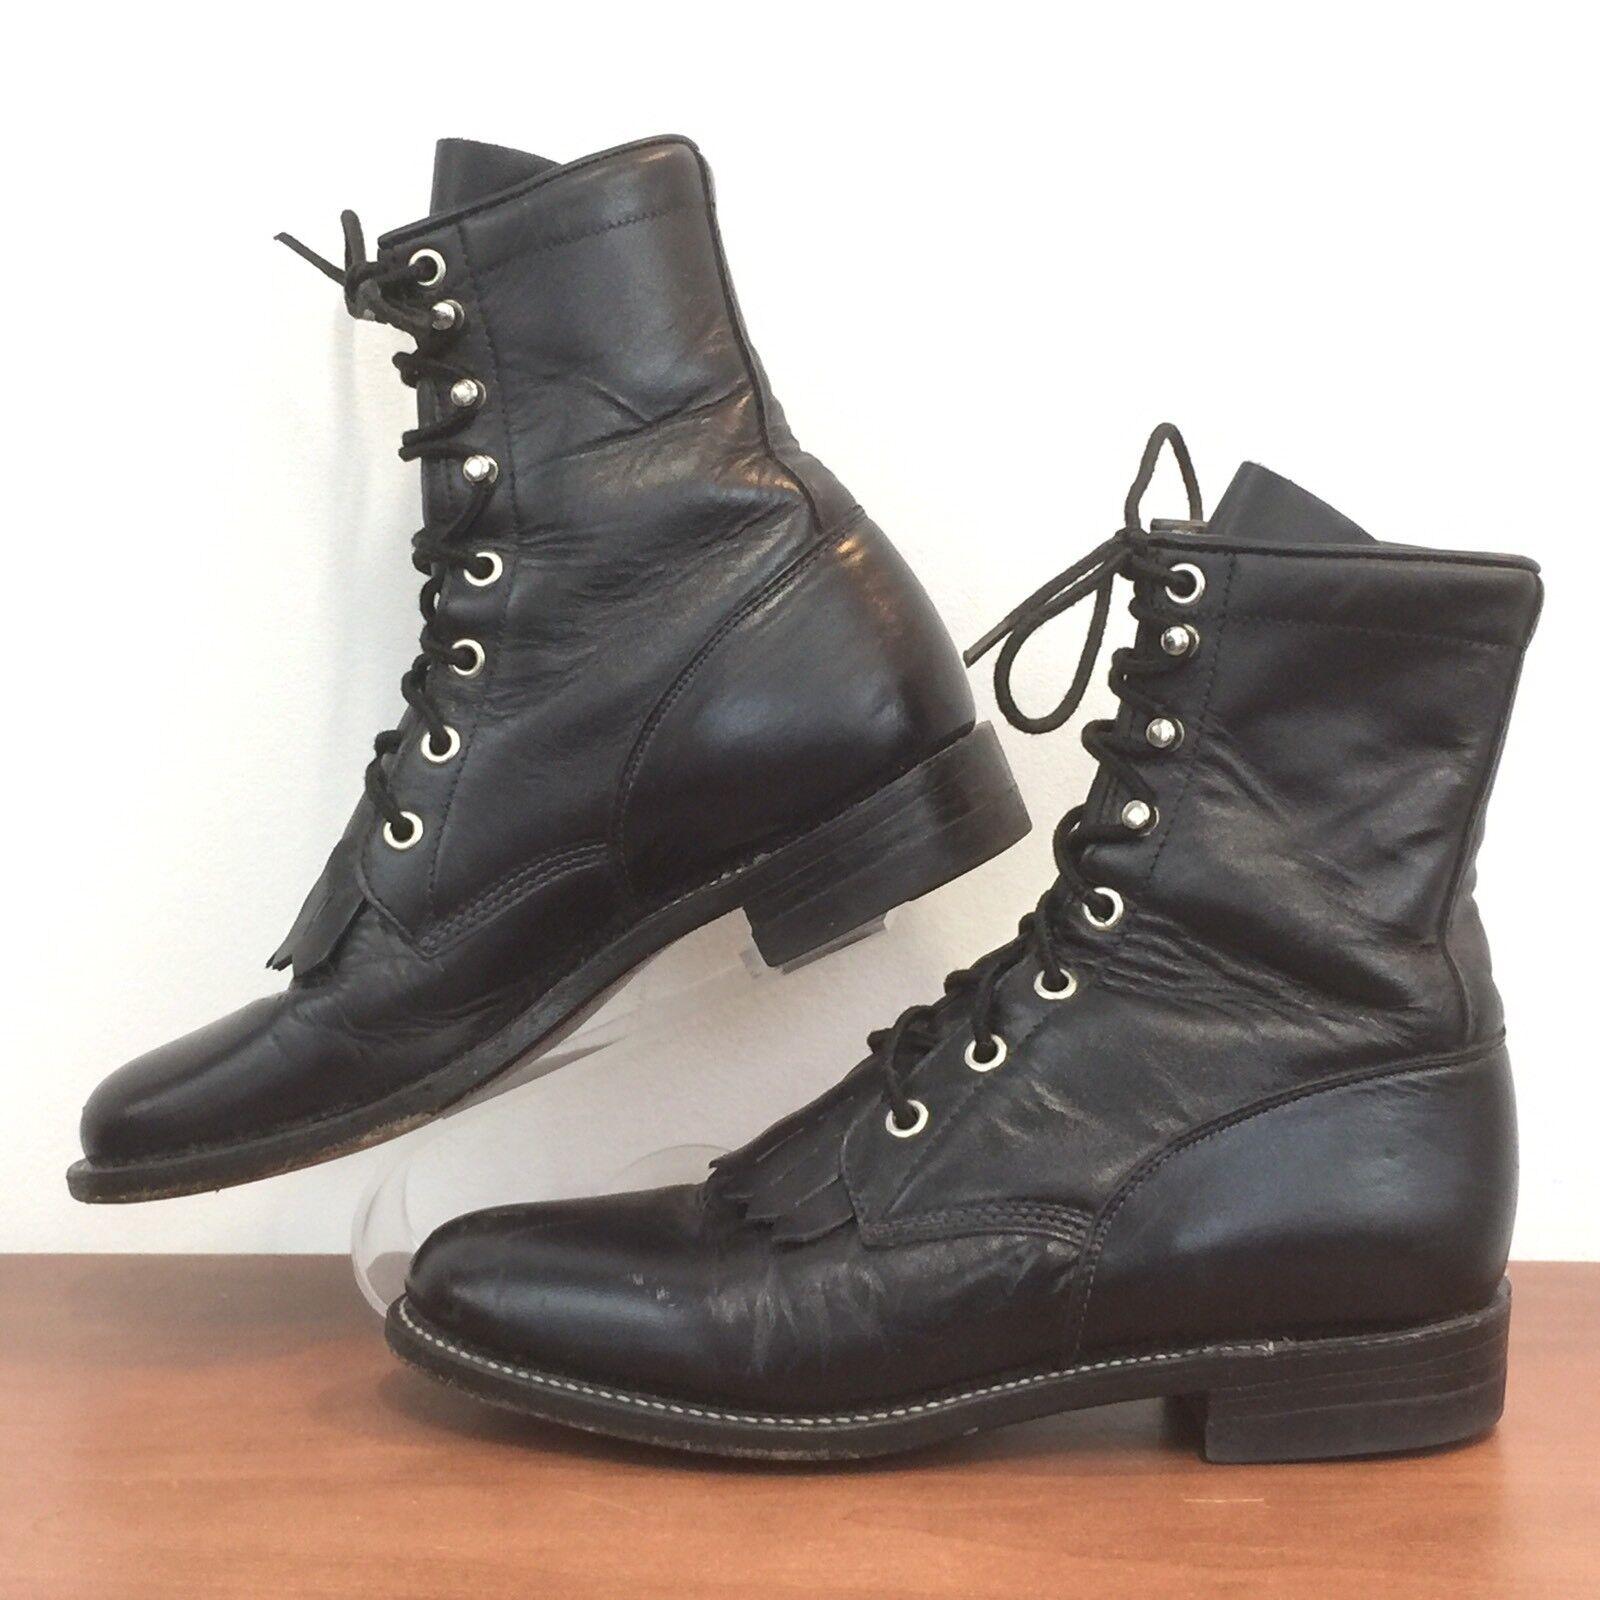 Justin para mujer 506 Negro Cuero Con Cordones botas flecos Western Roper para mujer 5.5 B